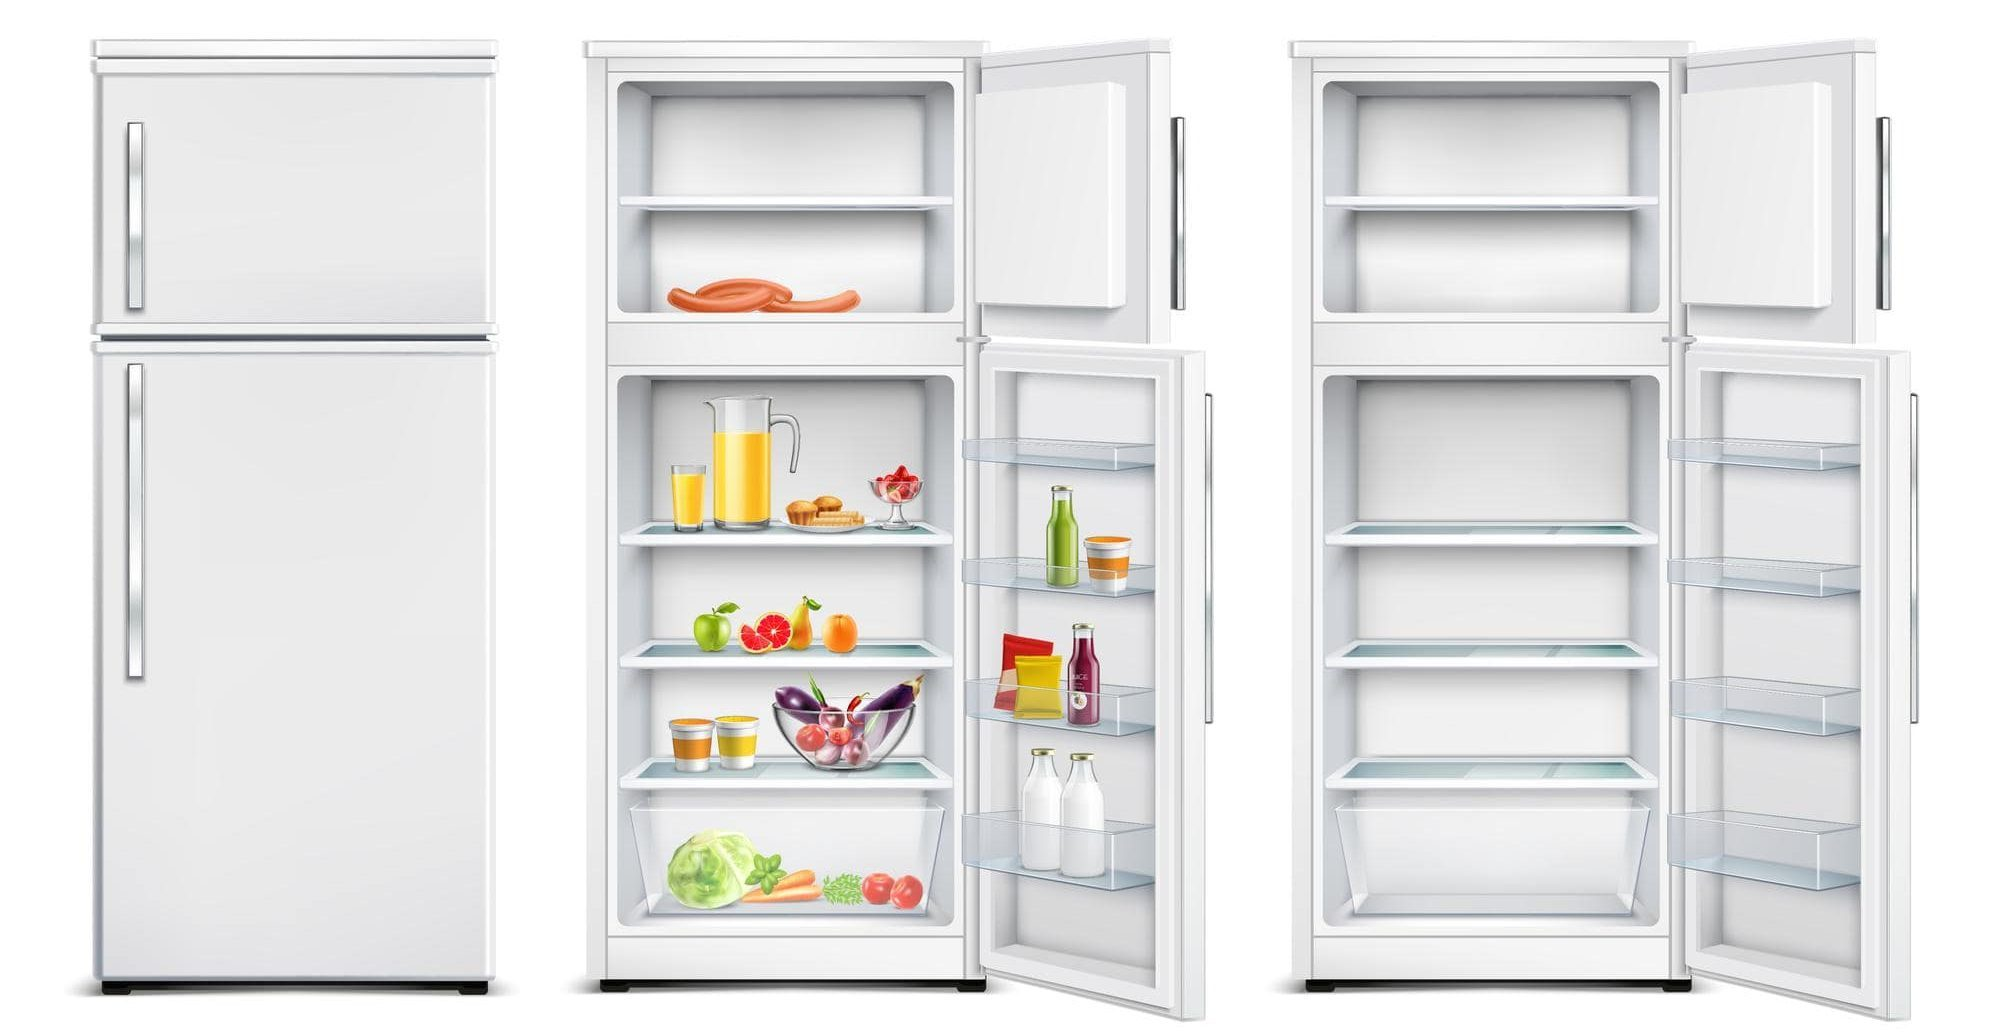 No Frost Buzdolabı ile Derin Dondurucu Arasındaki Fark